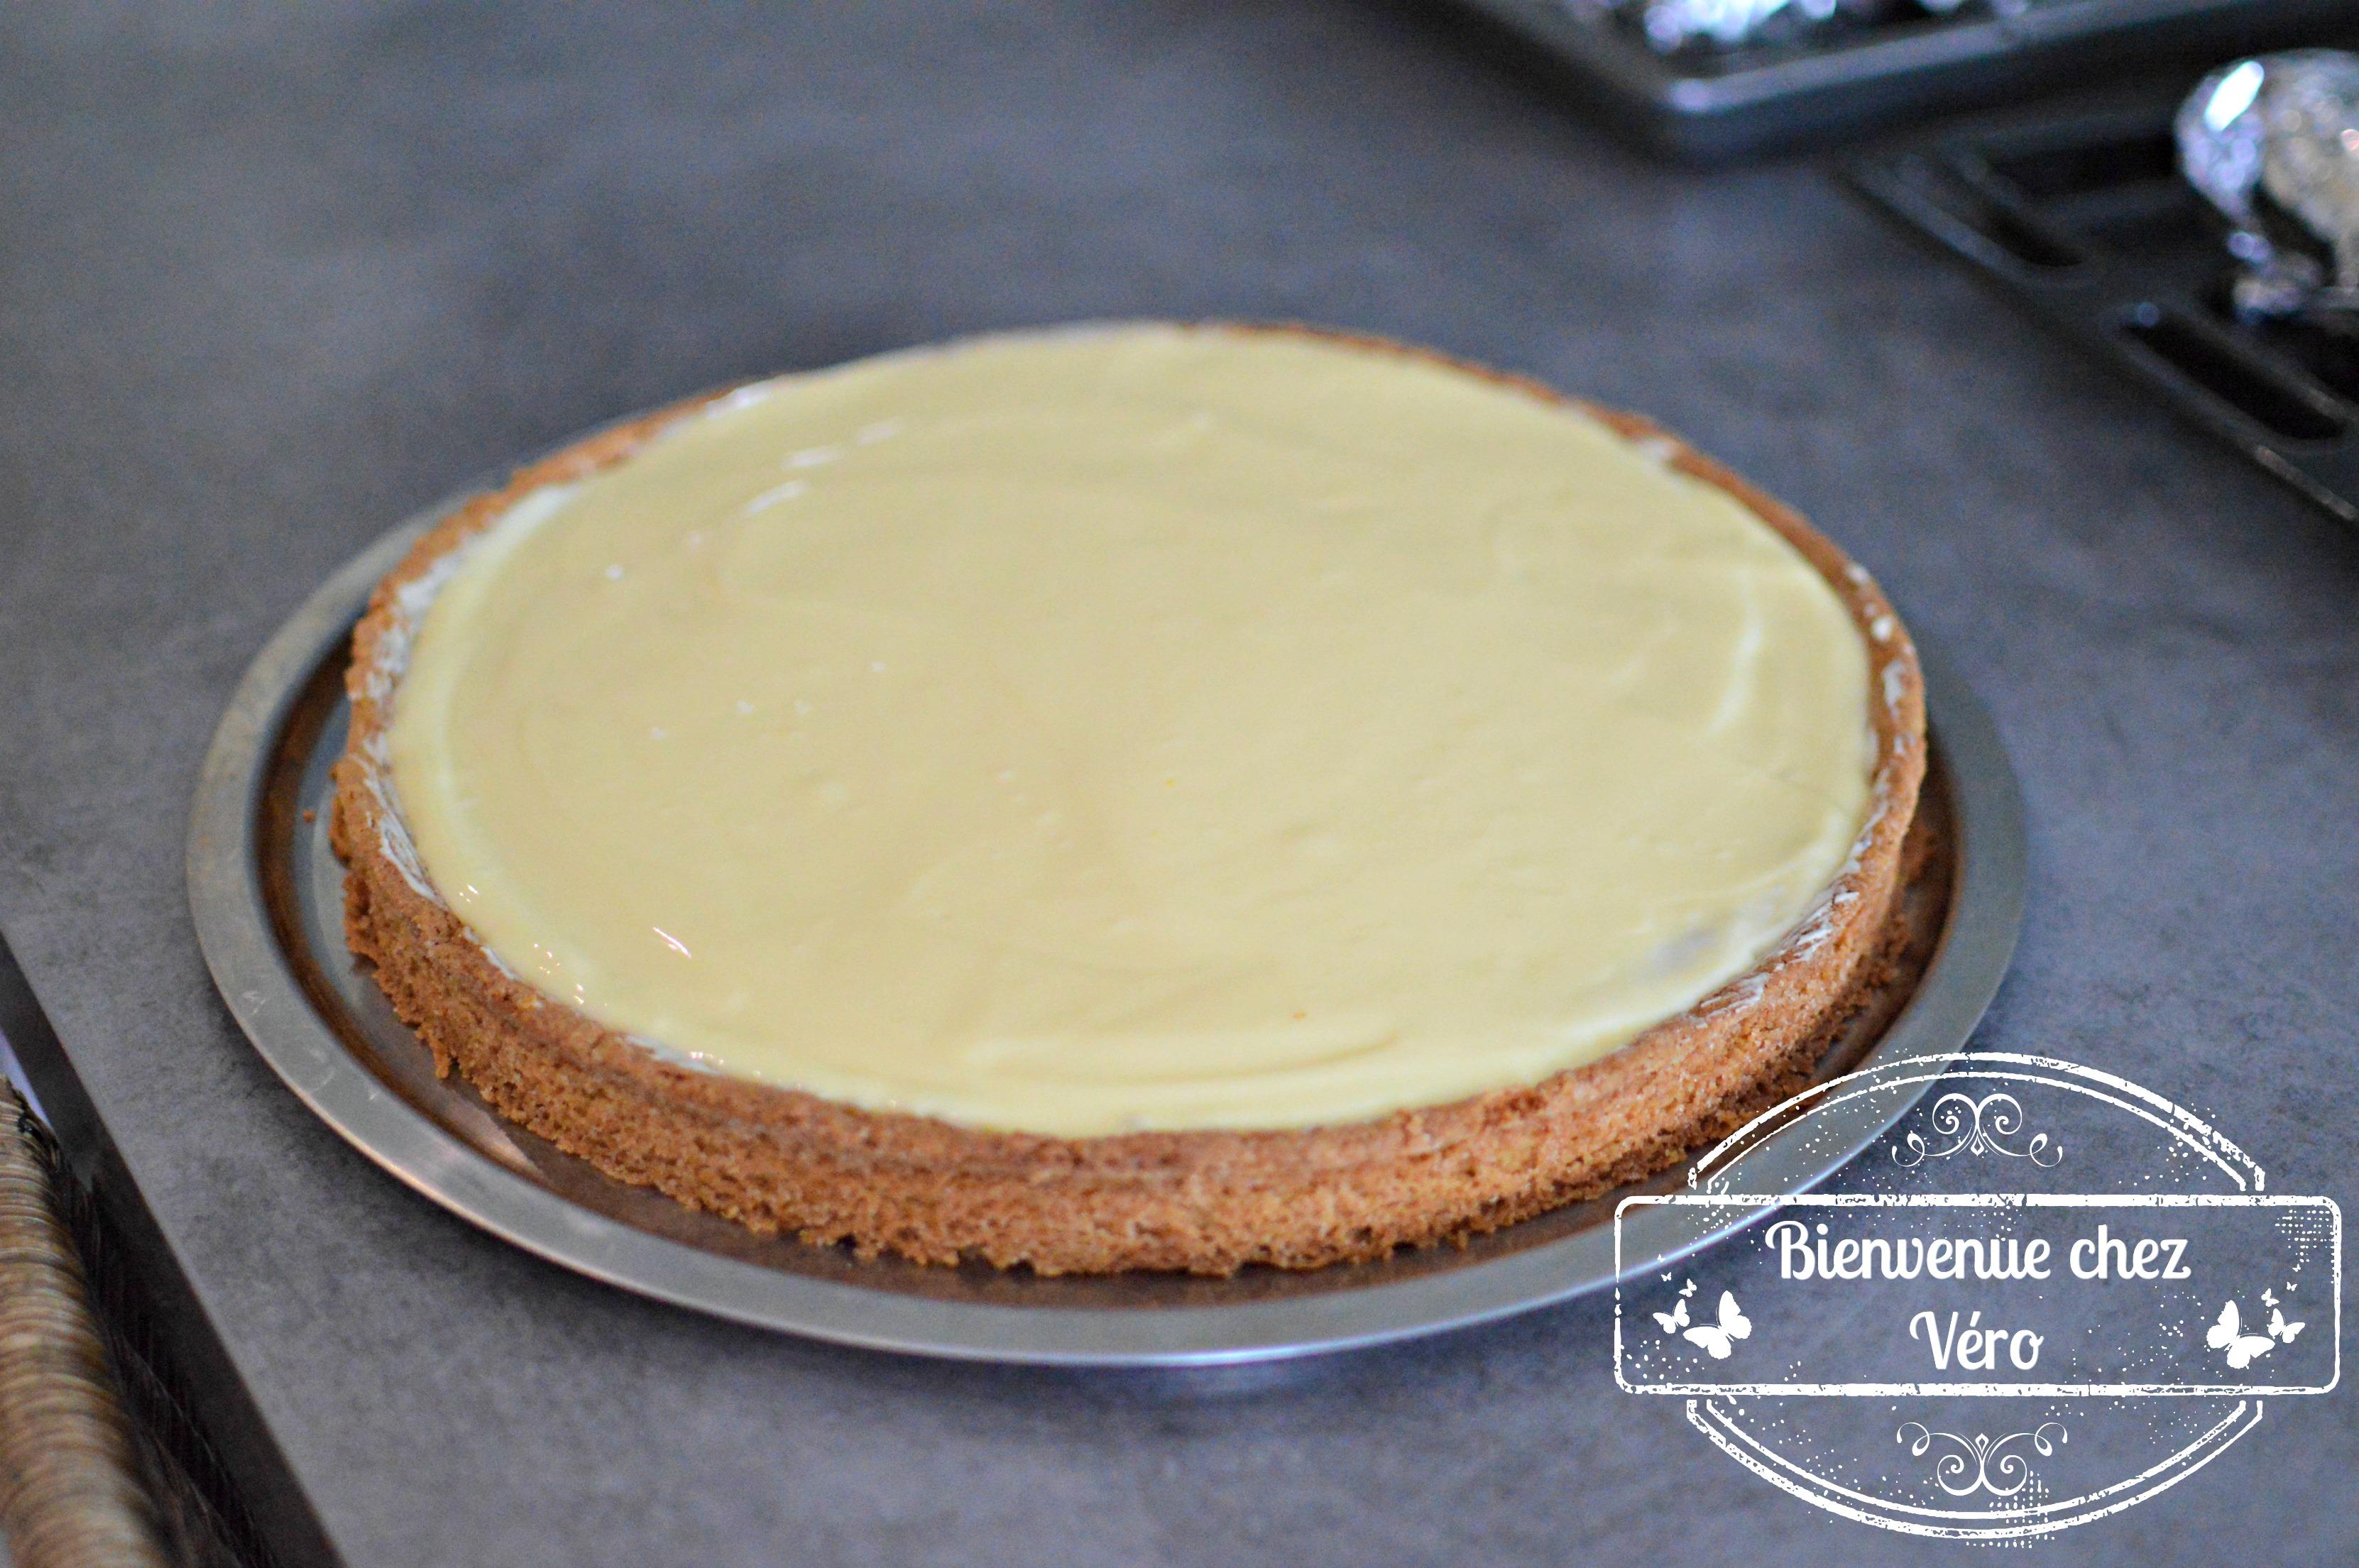 DSC_3724 tarte folle